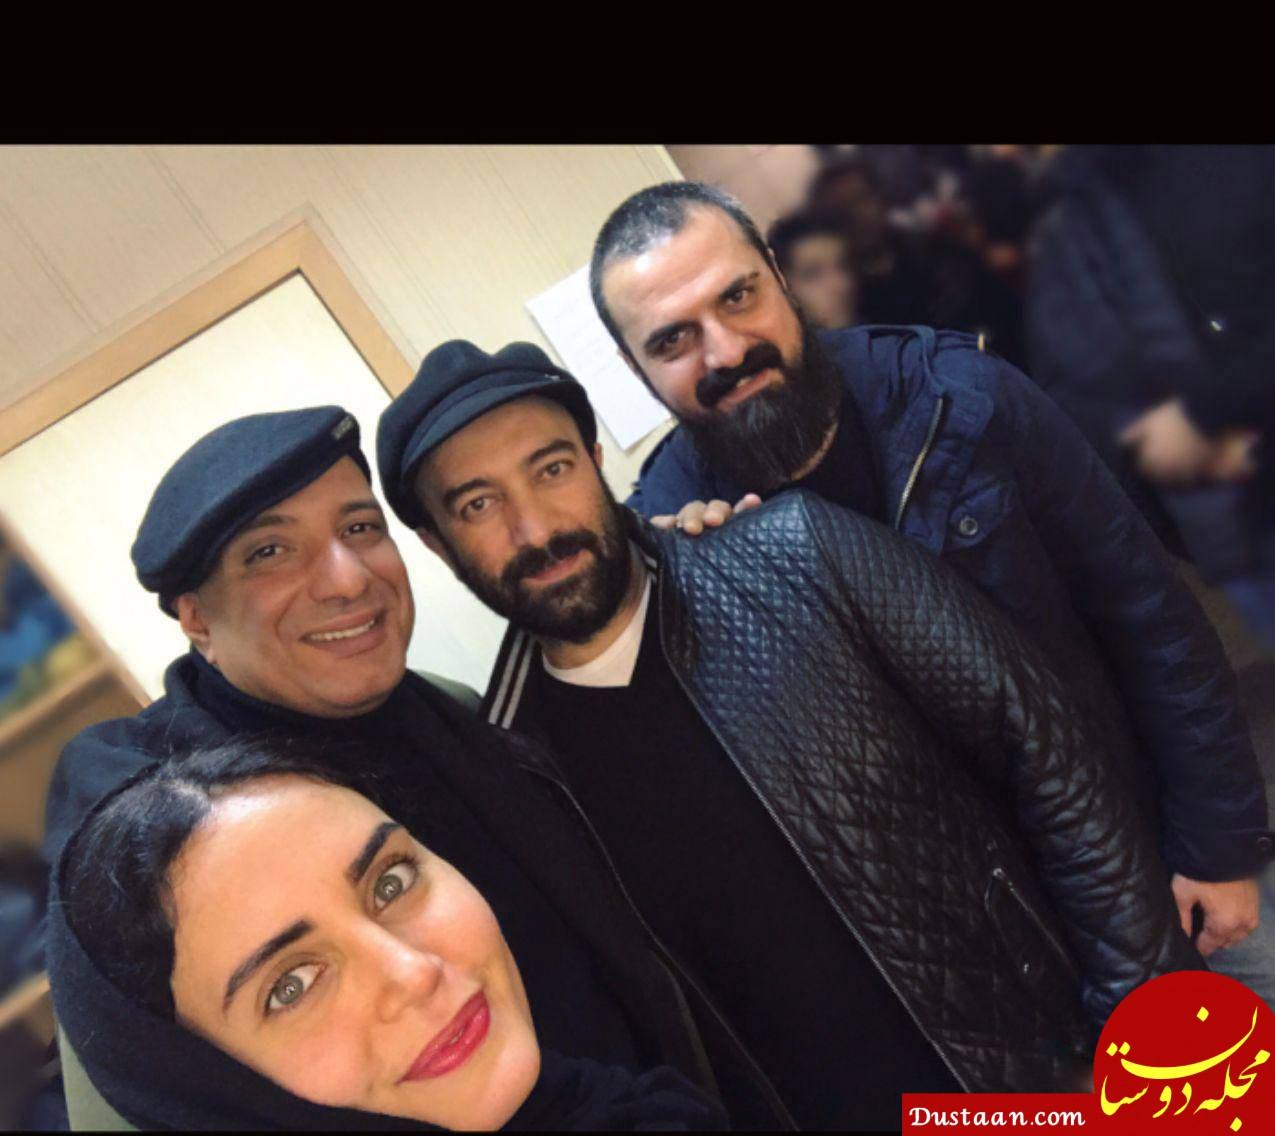 بیوگرافی و عکس های دیدنی مجید صالحی ، همسر و فرزندانش حنا و آروین